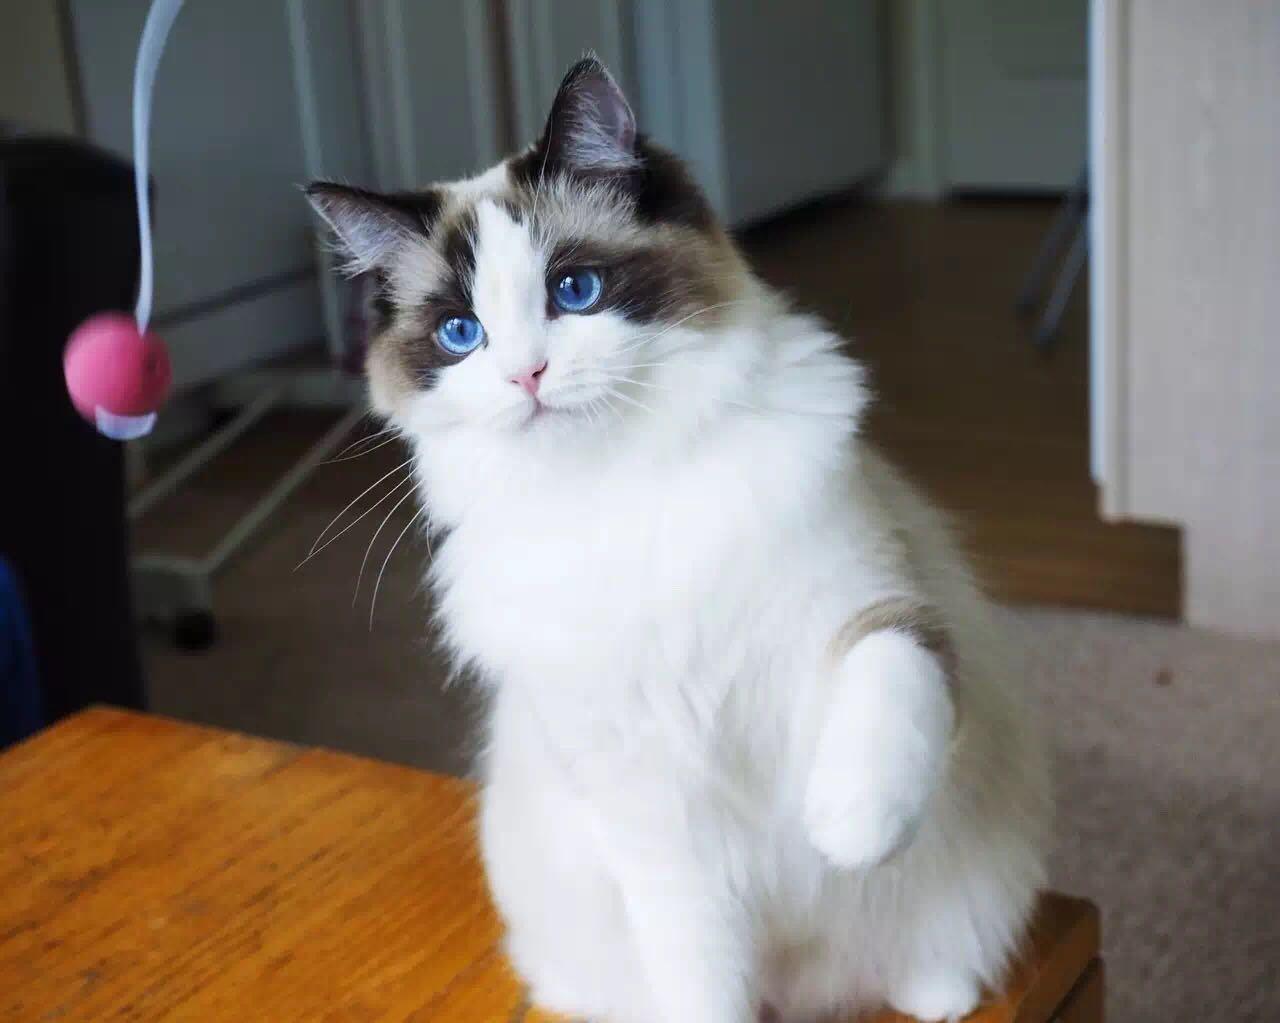 兜兜_养布偶猫是种怎样的体验? - 知乎